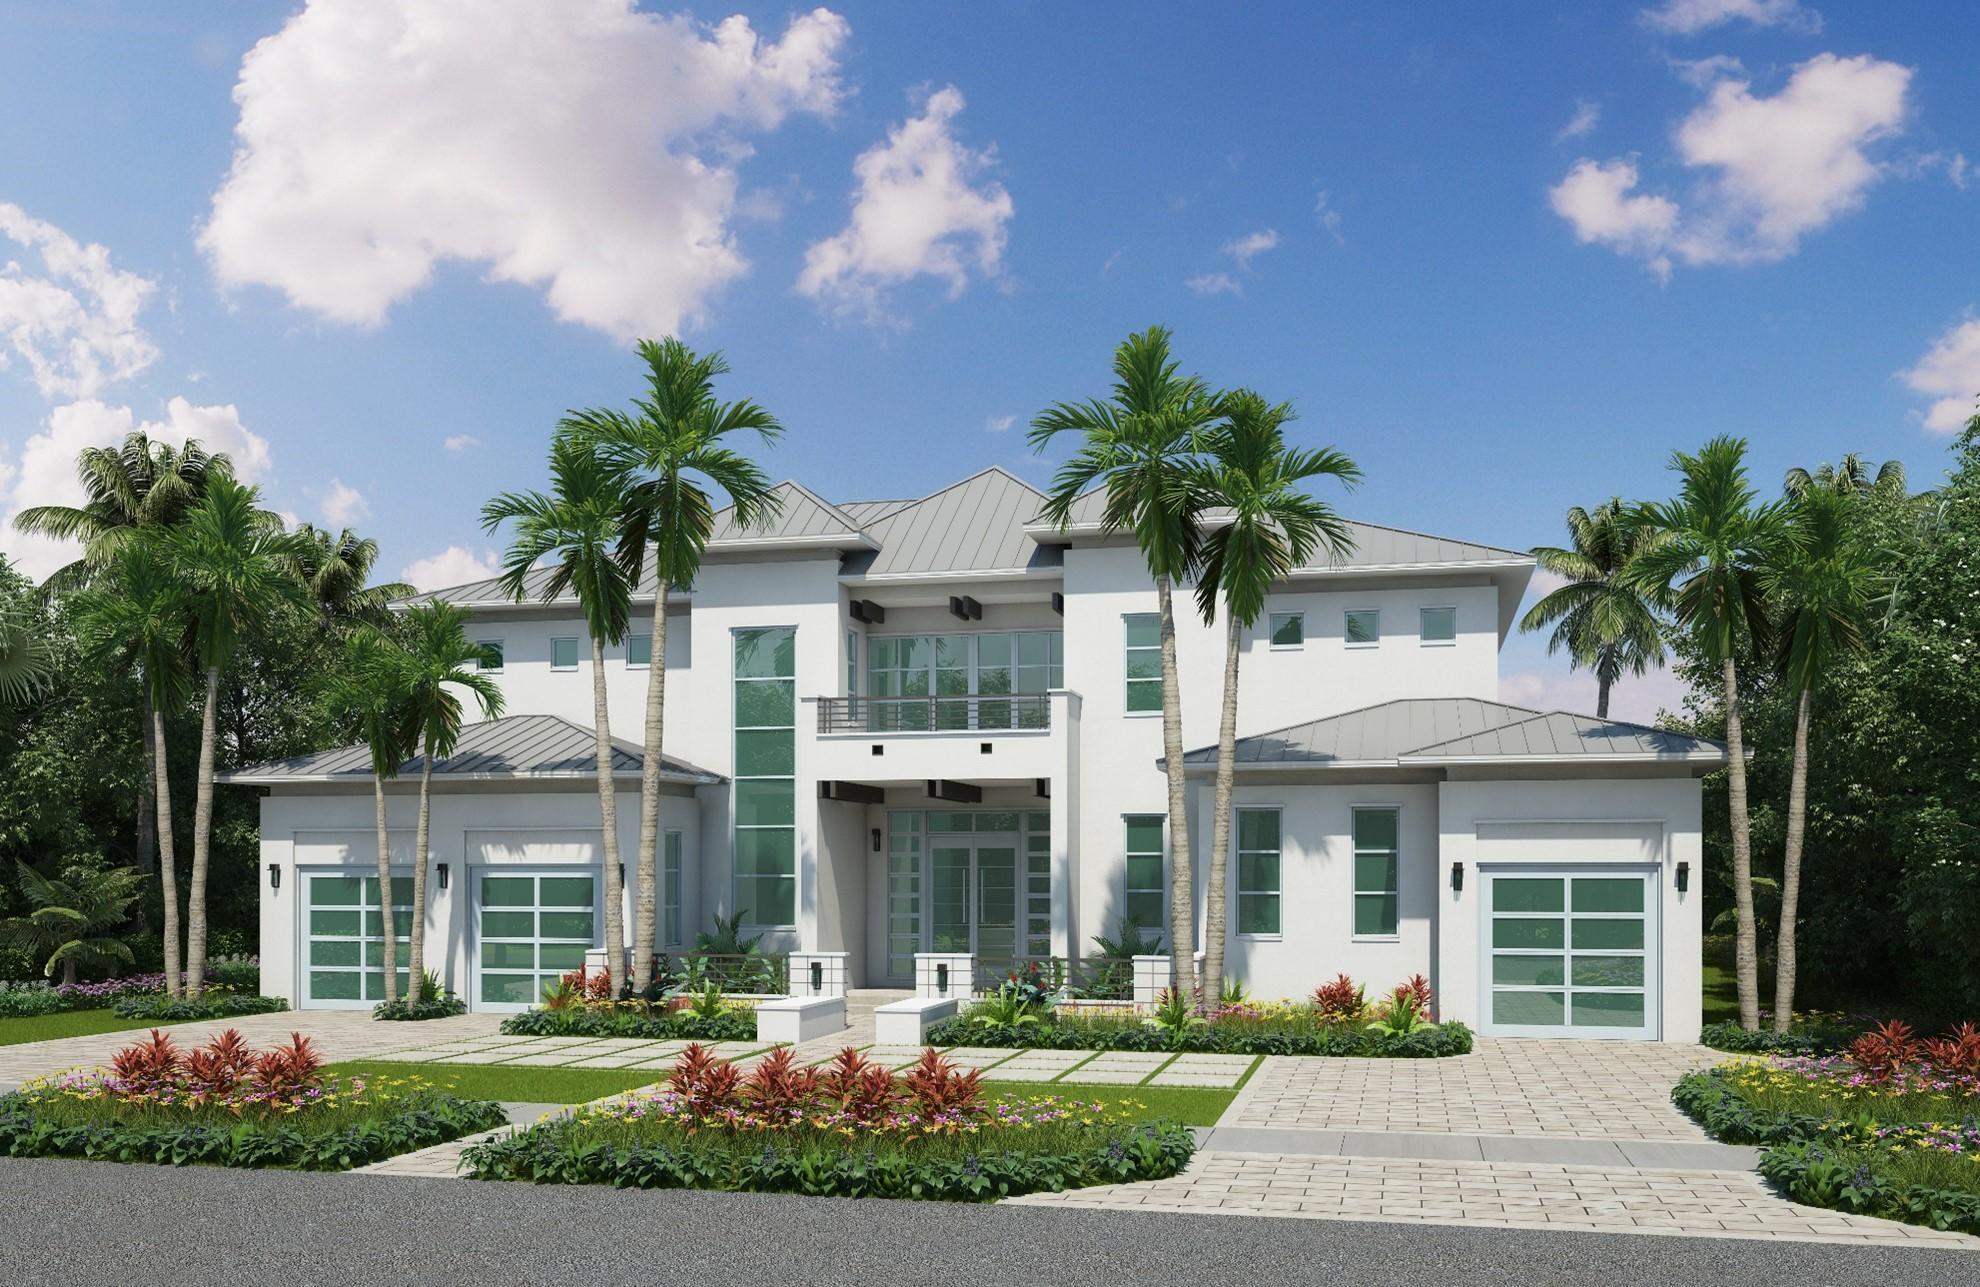 601 Seagate, Delray Beach, Florida 33483